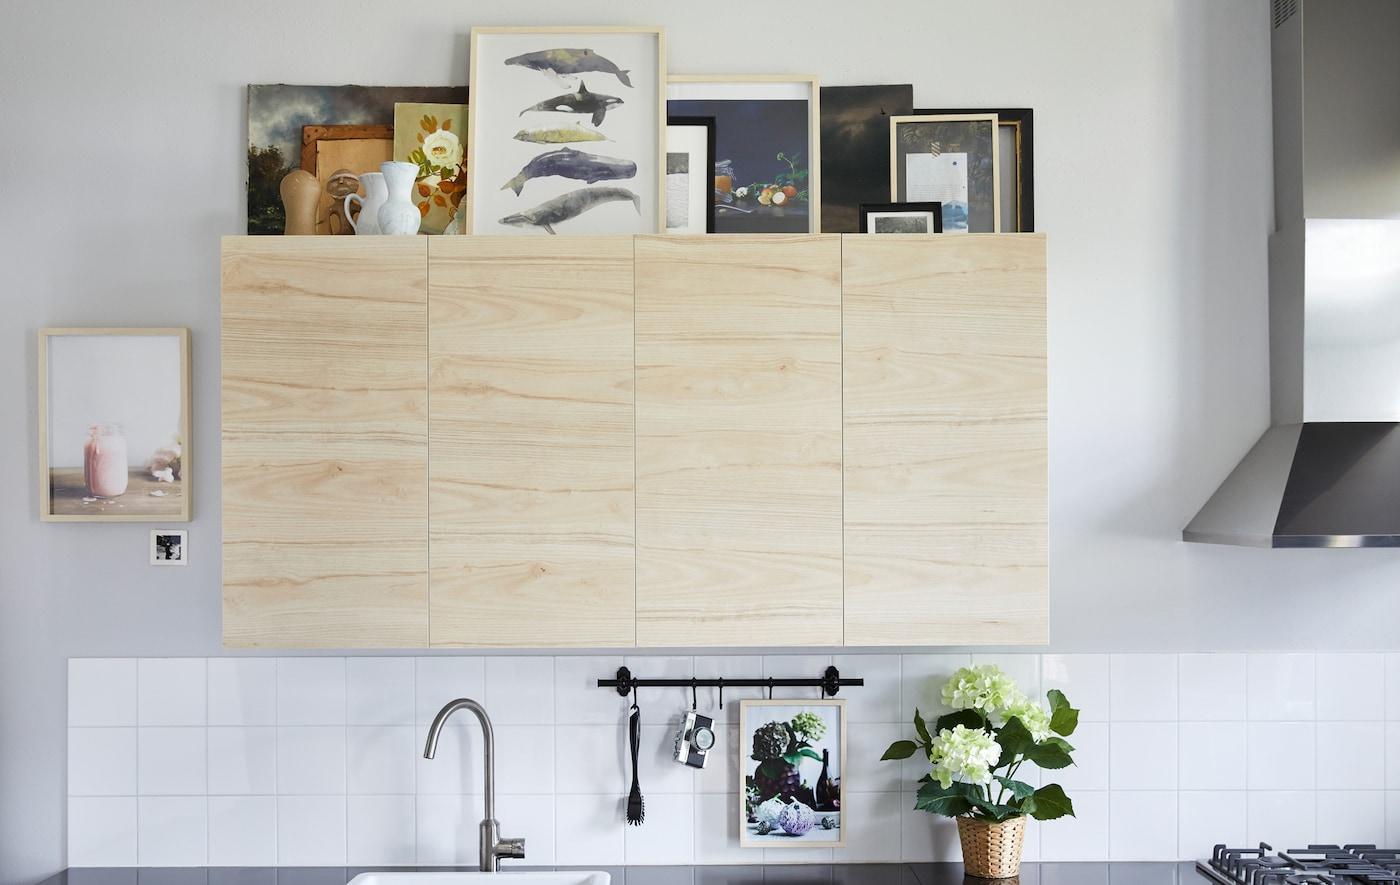 Scopri le idee IKEA per portare la creatività anche sopra i pensili della cucina. La cornice HOVSTA, in betulla, offre un design moderno per una soluzione decorativa d'effetto, che diventa ancora più originale accostando cornici di dimensioni diverse e soggetti visibili anche da lontano.